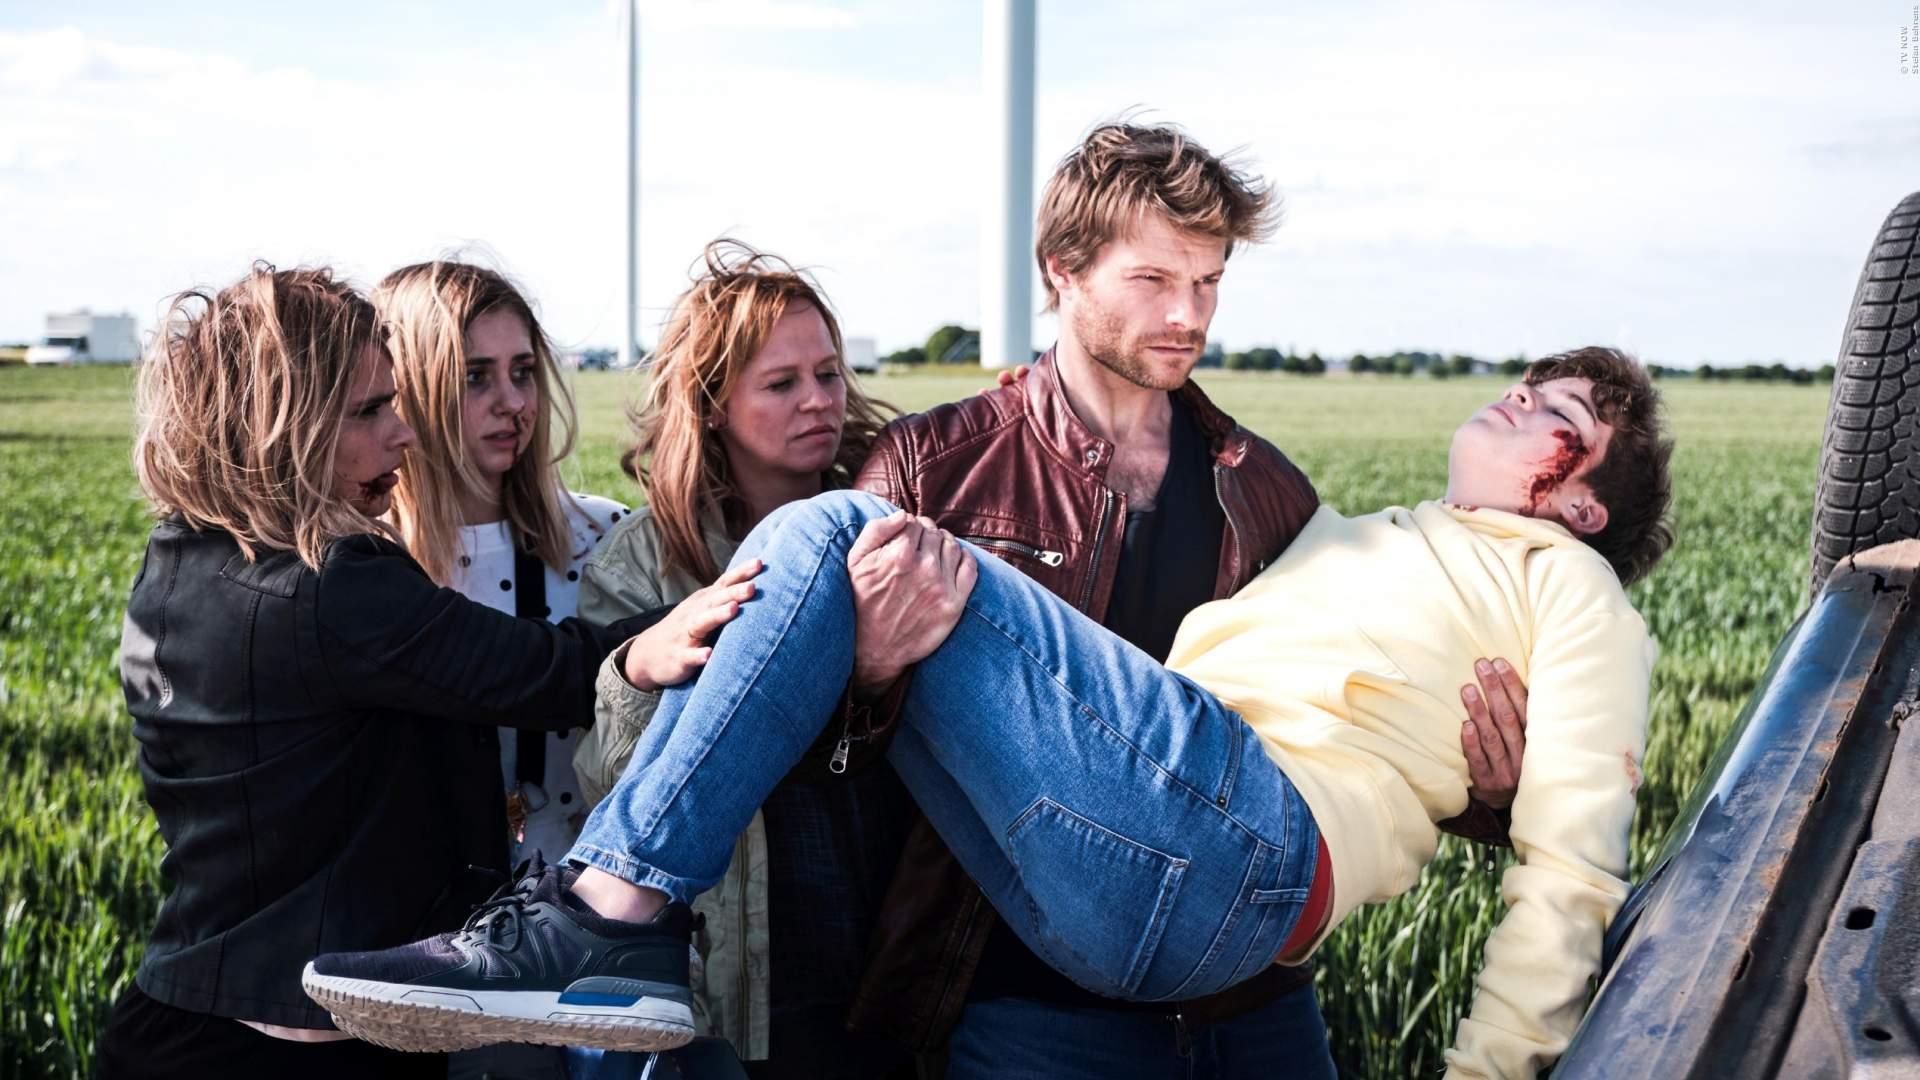 RTL startet neue tägliche Serie - Crimenovela hat Spannung und Herz